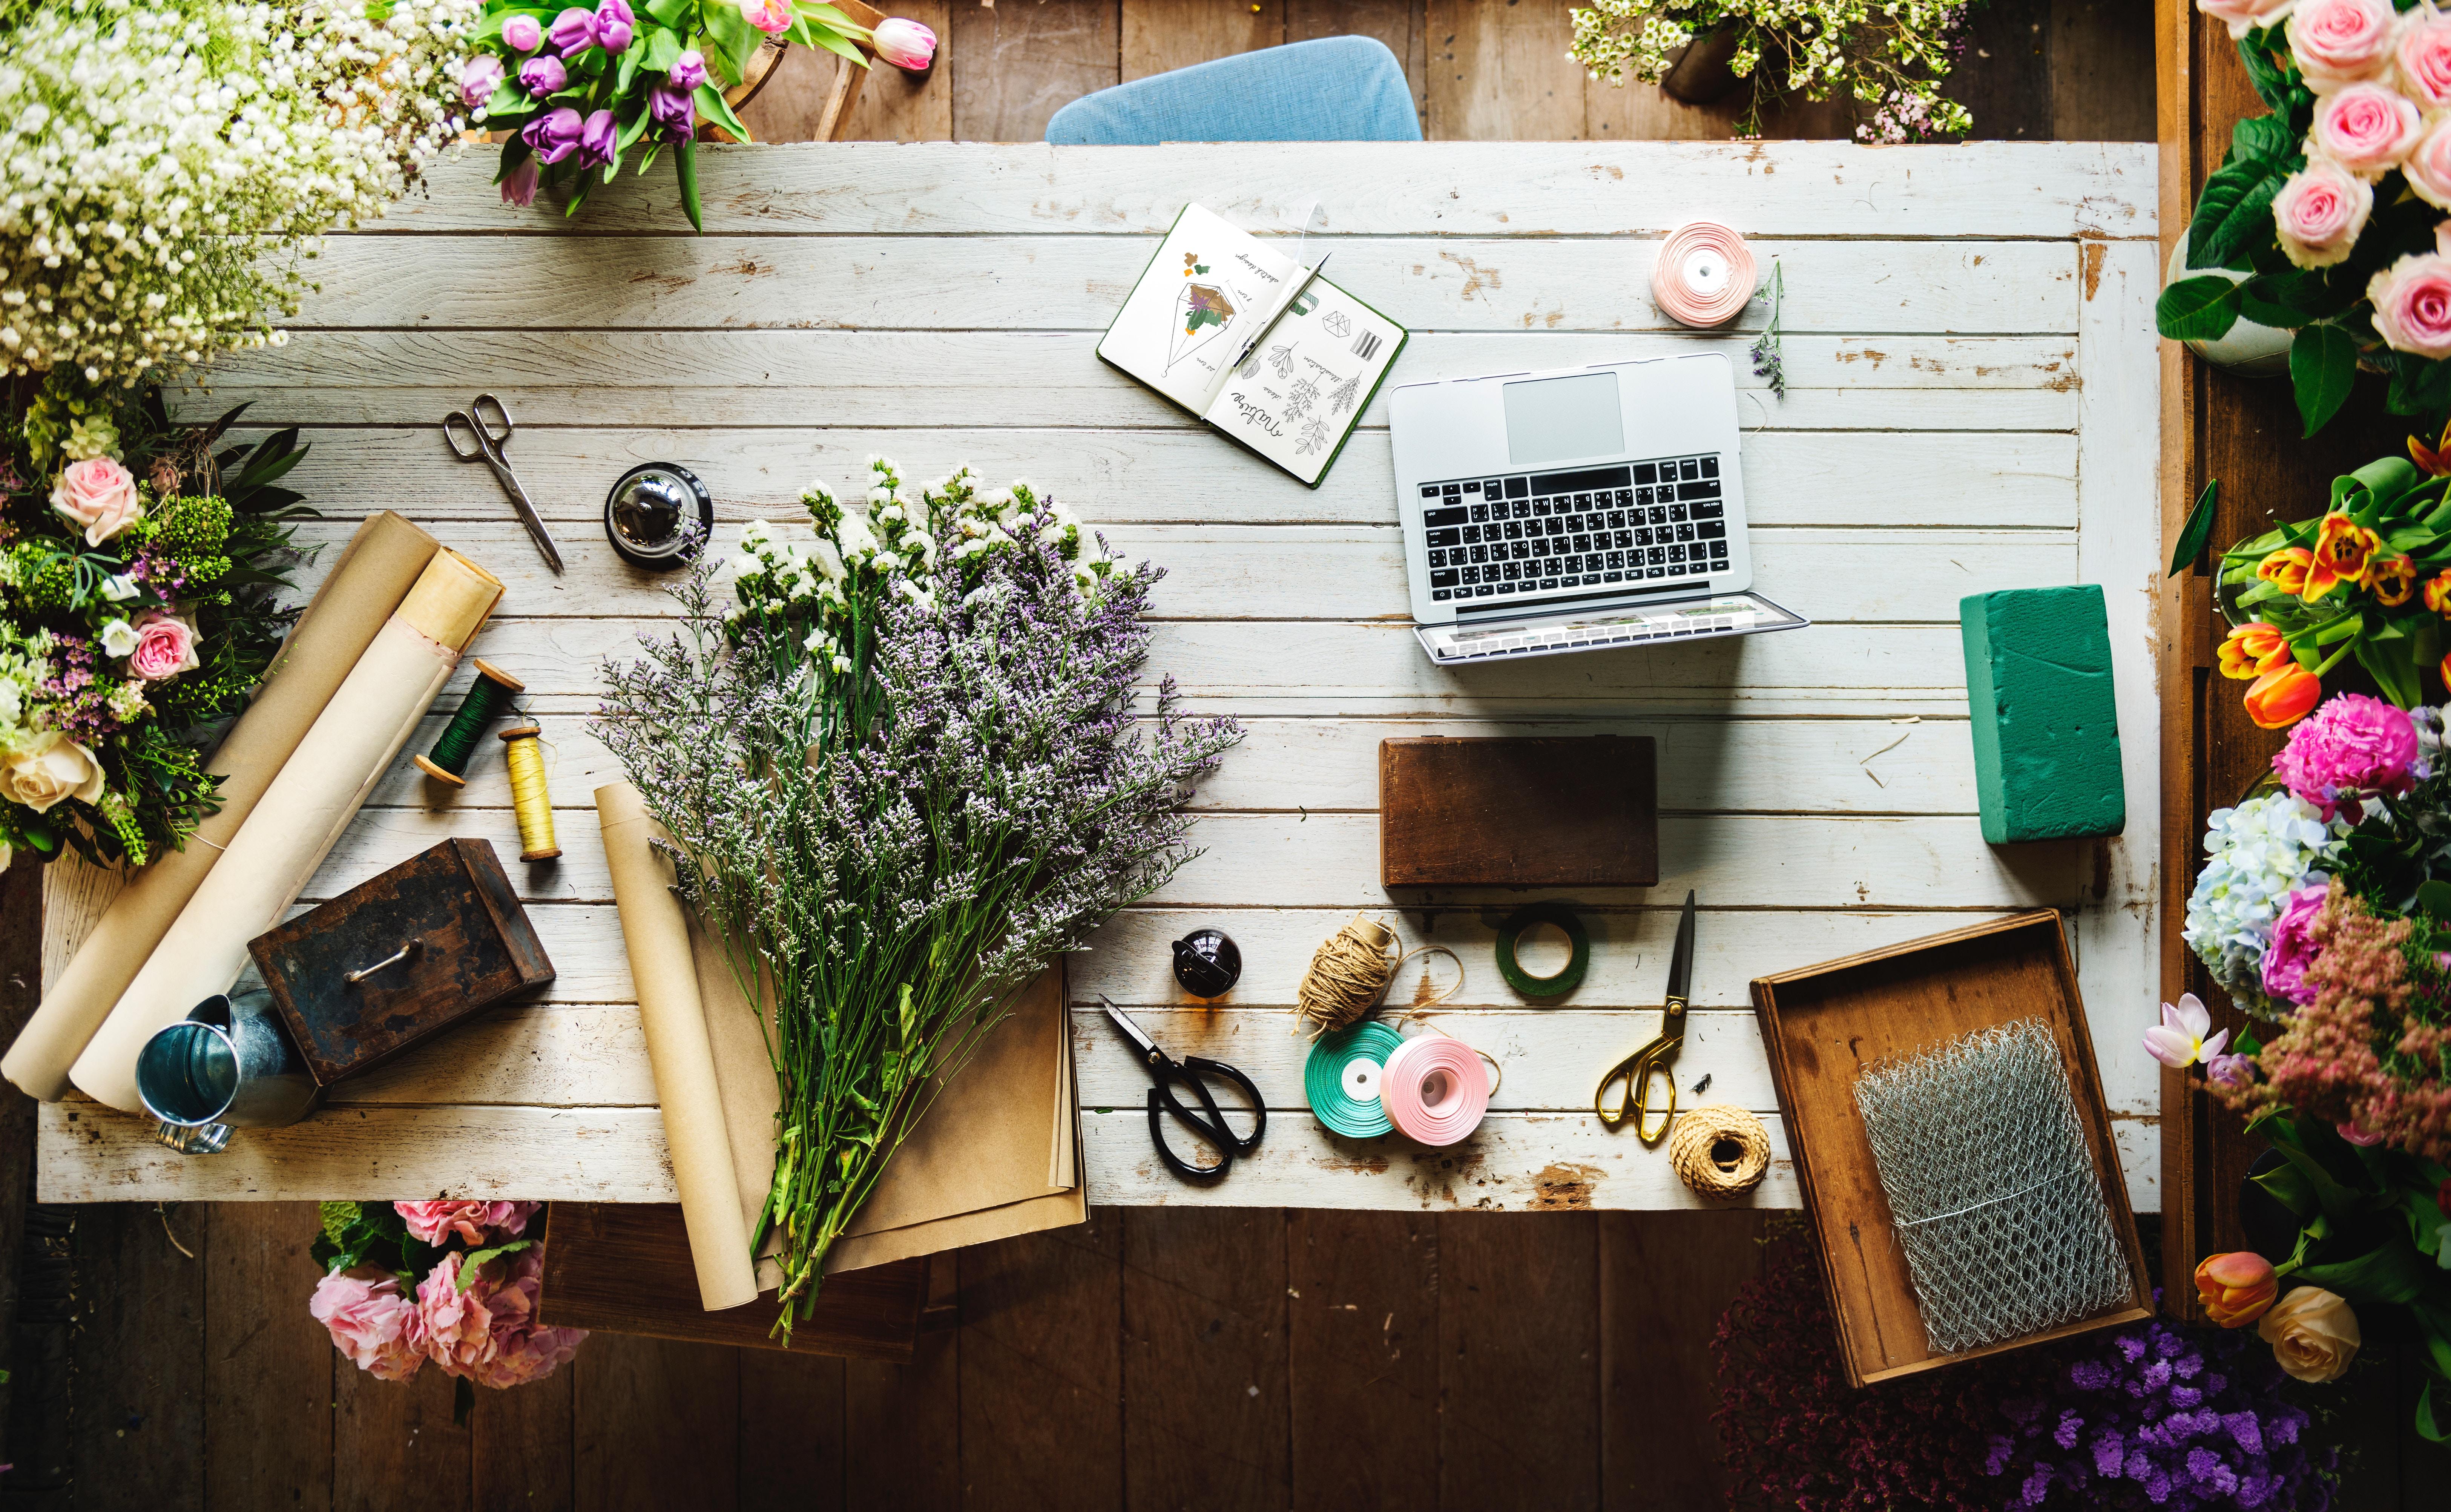 Skvělá dávka DIY nápadů pro Vaše bydlení